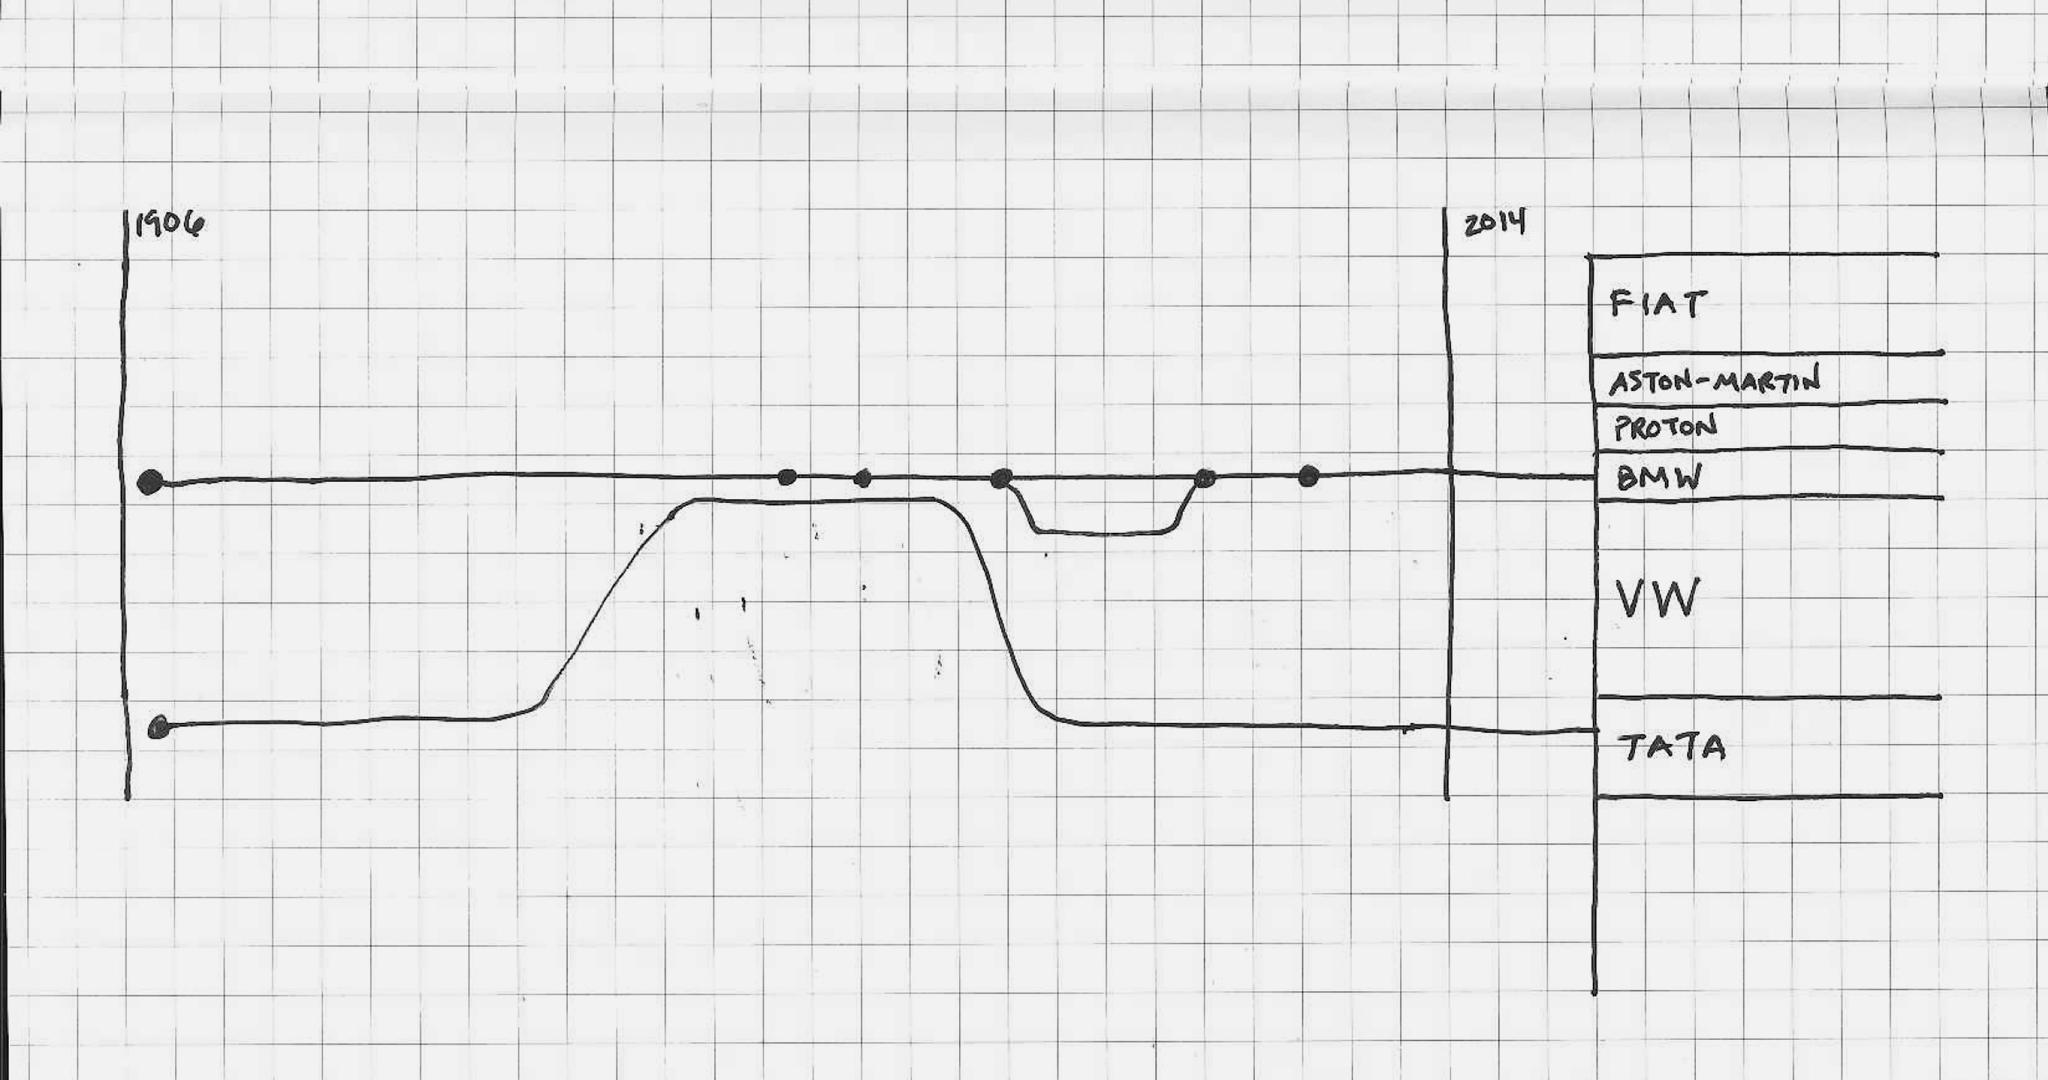 TC_Exotic-Car-Marques-Sketches-1